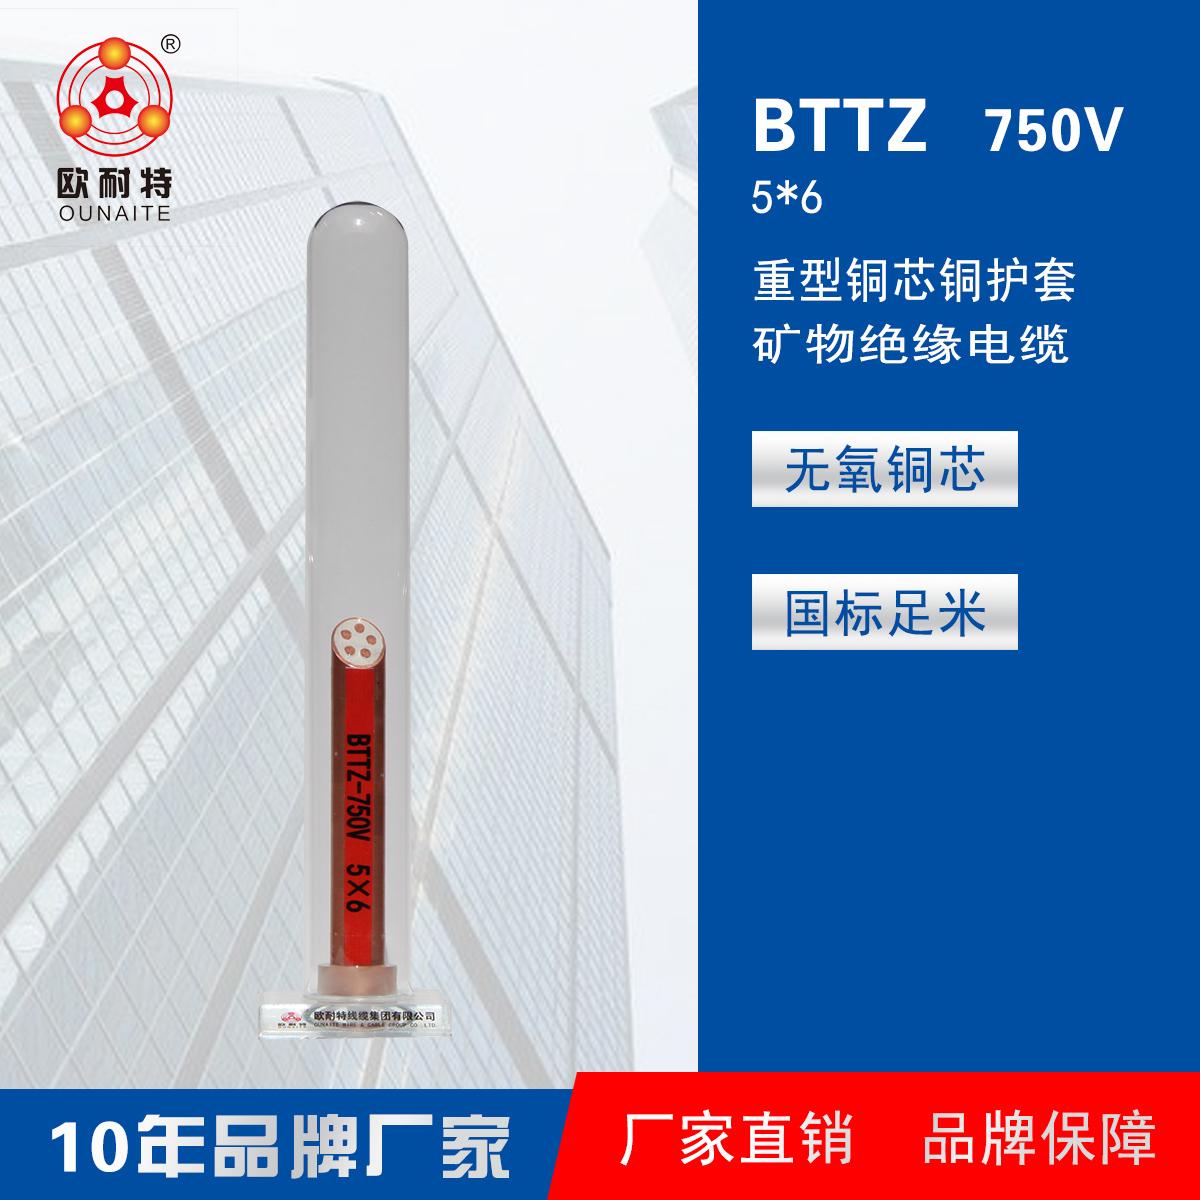 矿物绝缘电缆BTTZ 750V 5*6